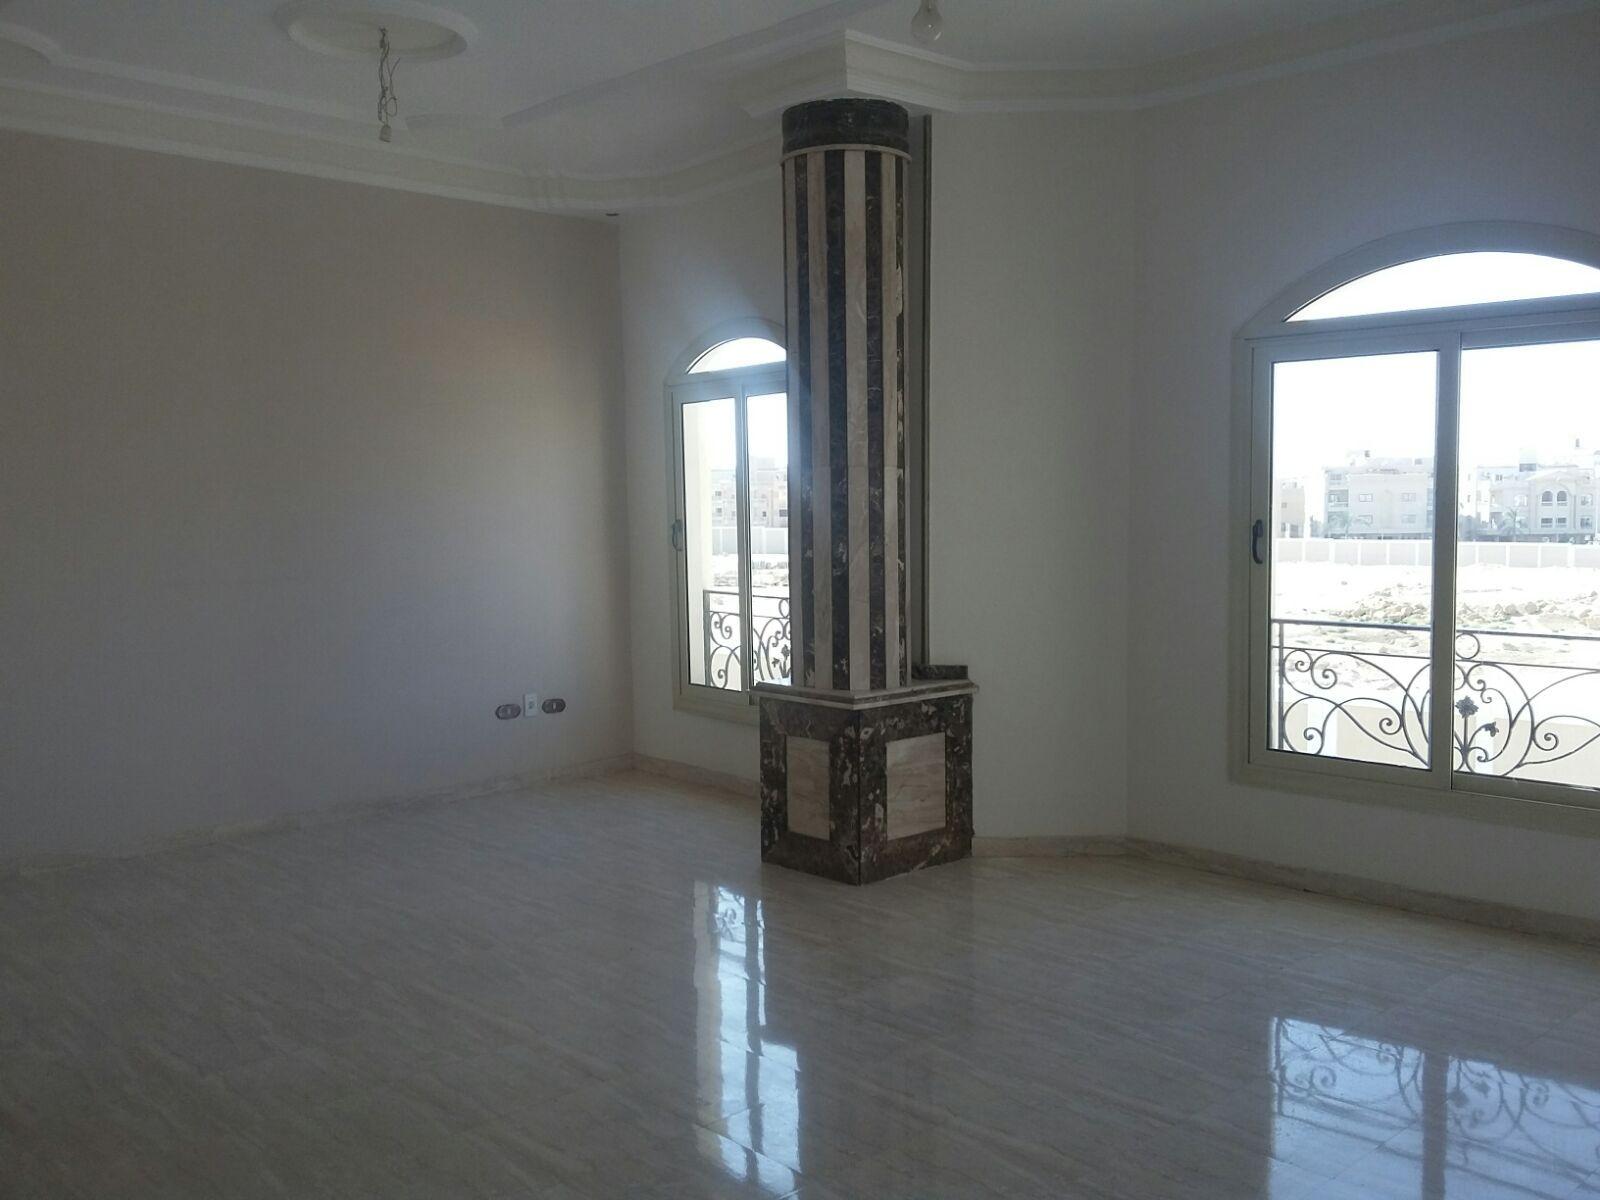 شقق للايجار الجديد في التجمع الخامس 2016 174993 مصر شوف عقار Home Decor Apartment Home